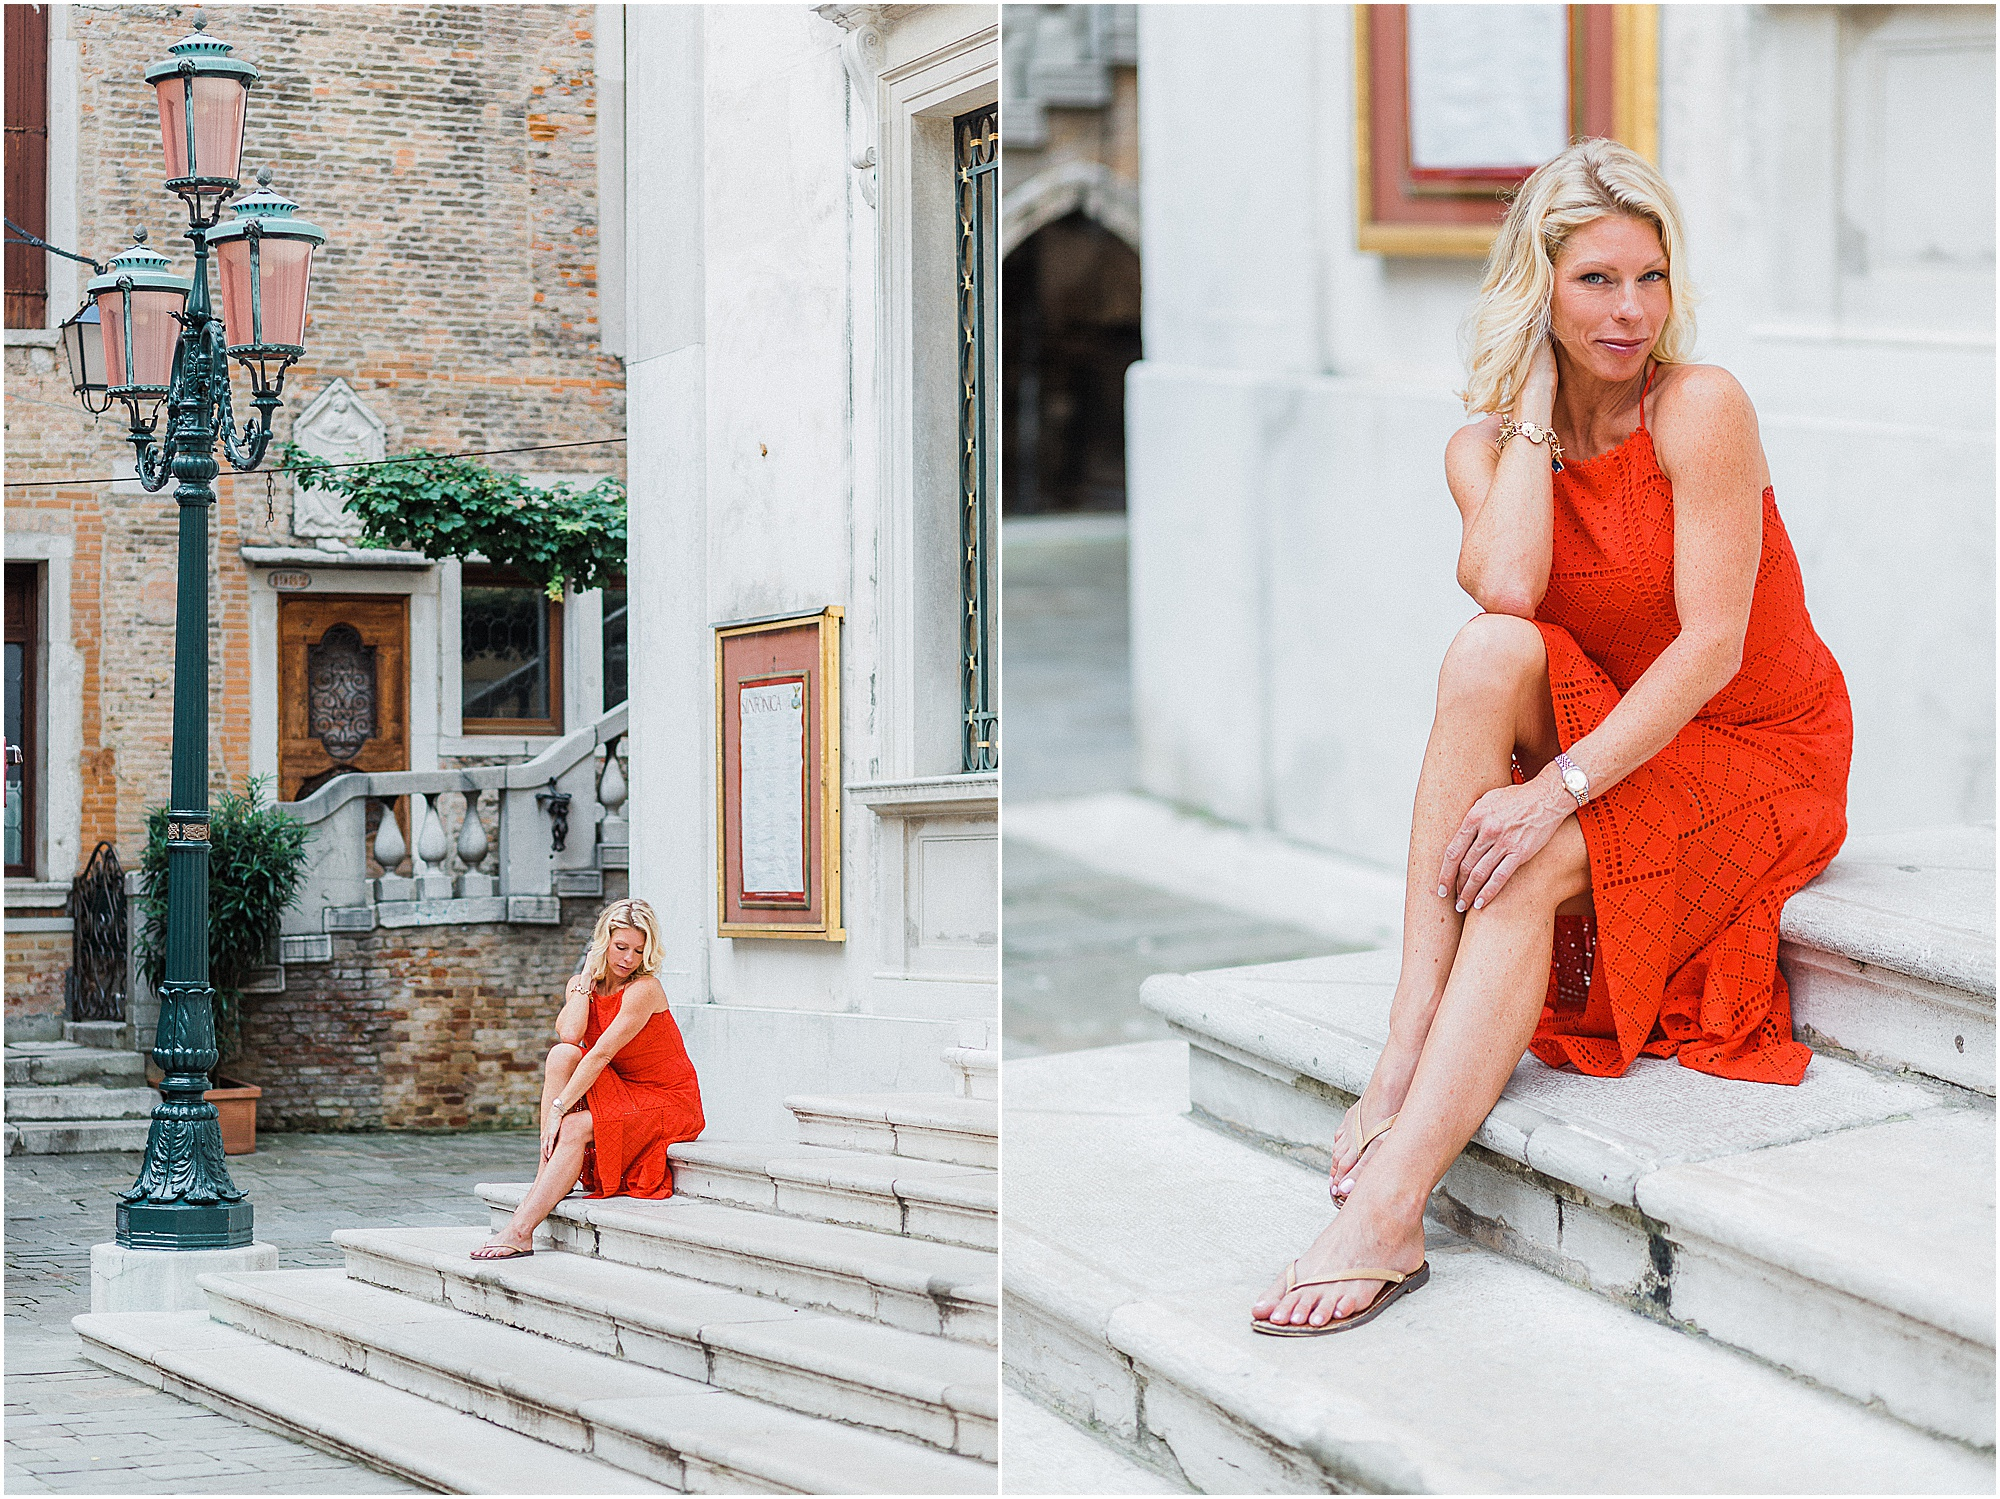 couple-lifestyle-photoshoot-in-venice-gondola-sunrise-stefano-degirmenci_0137.jpg